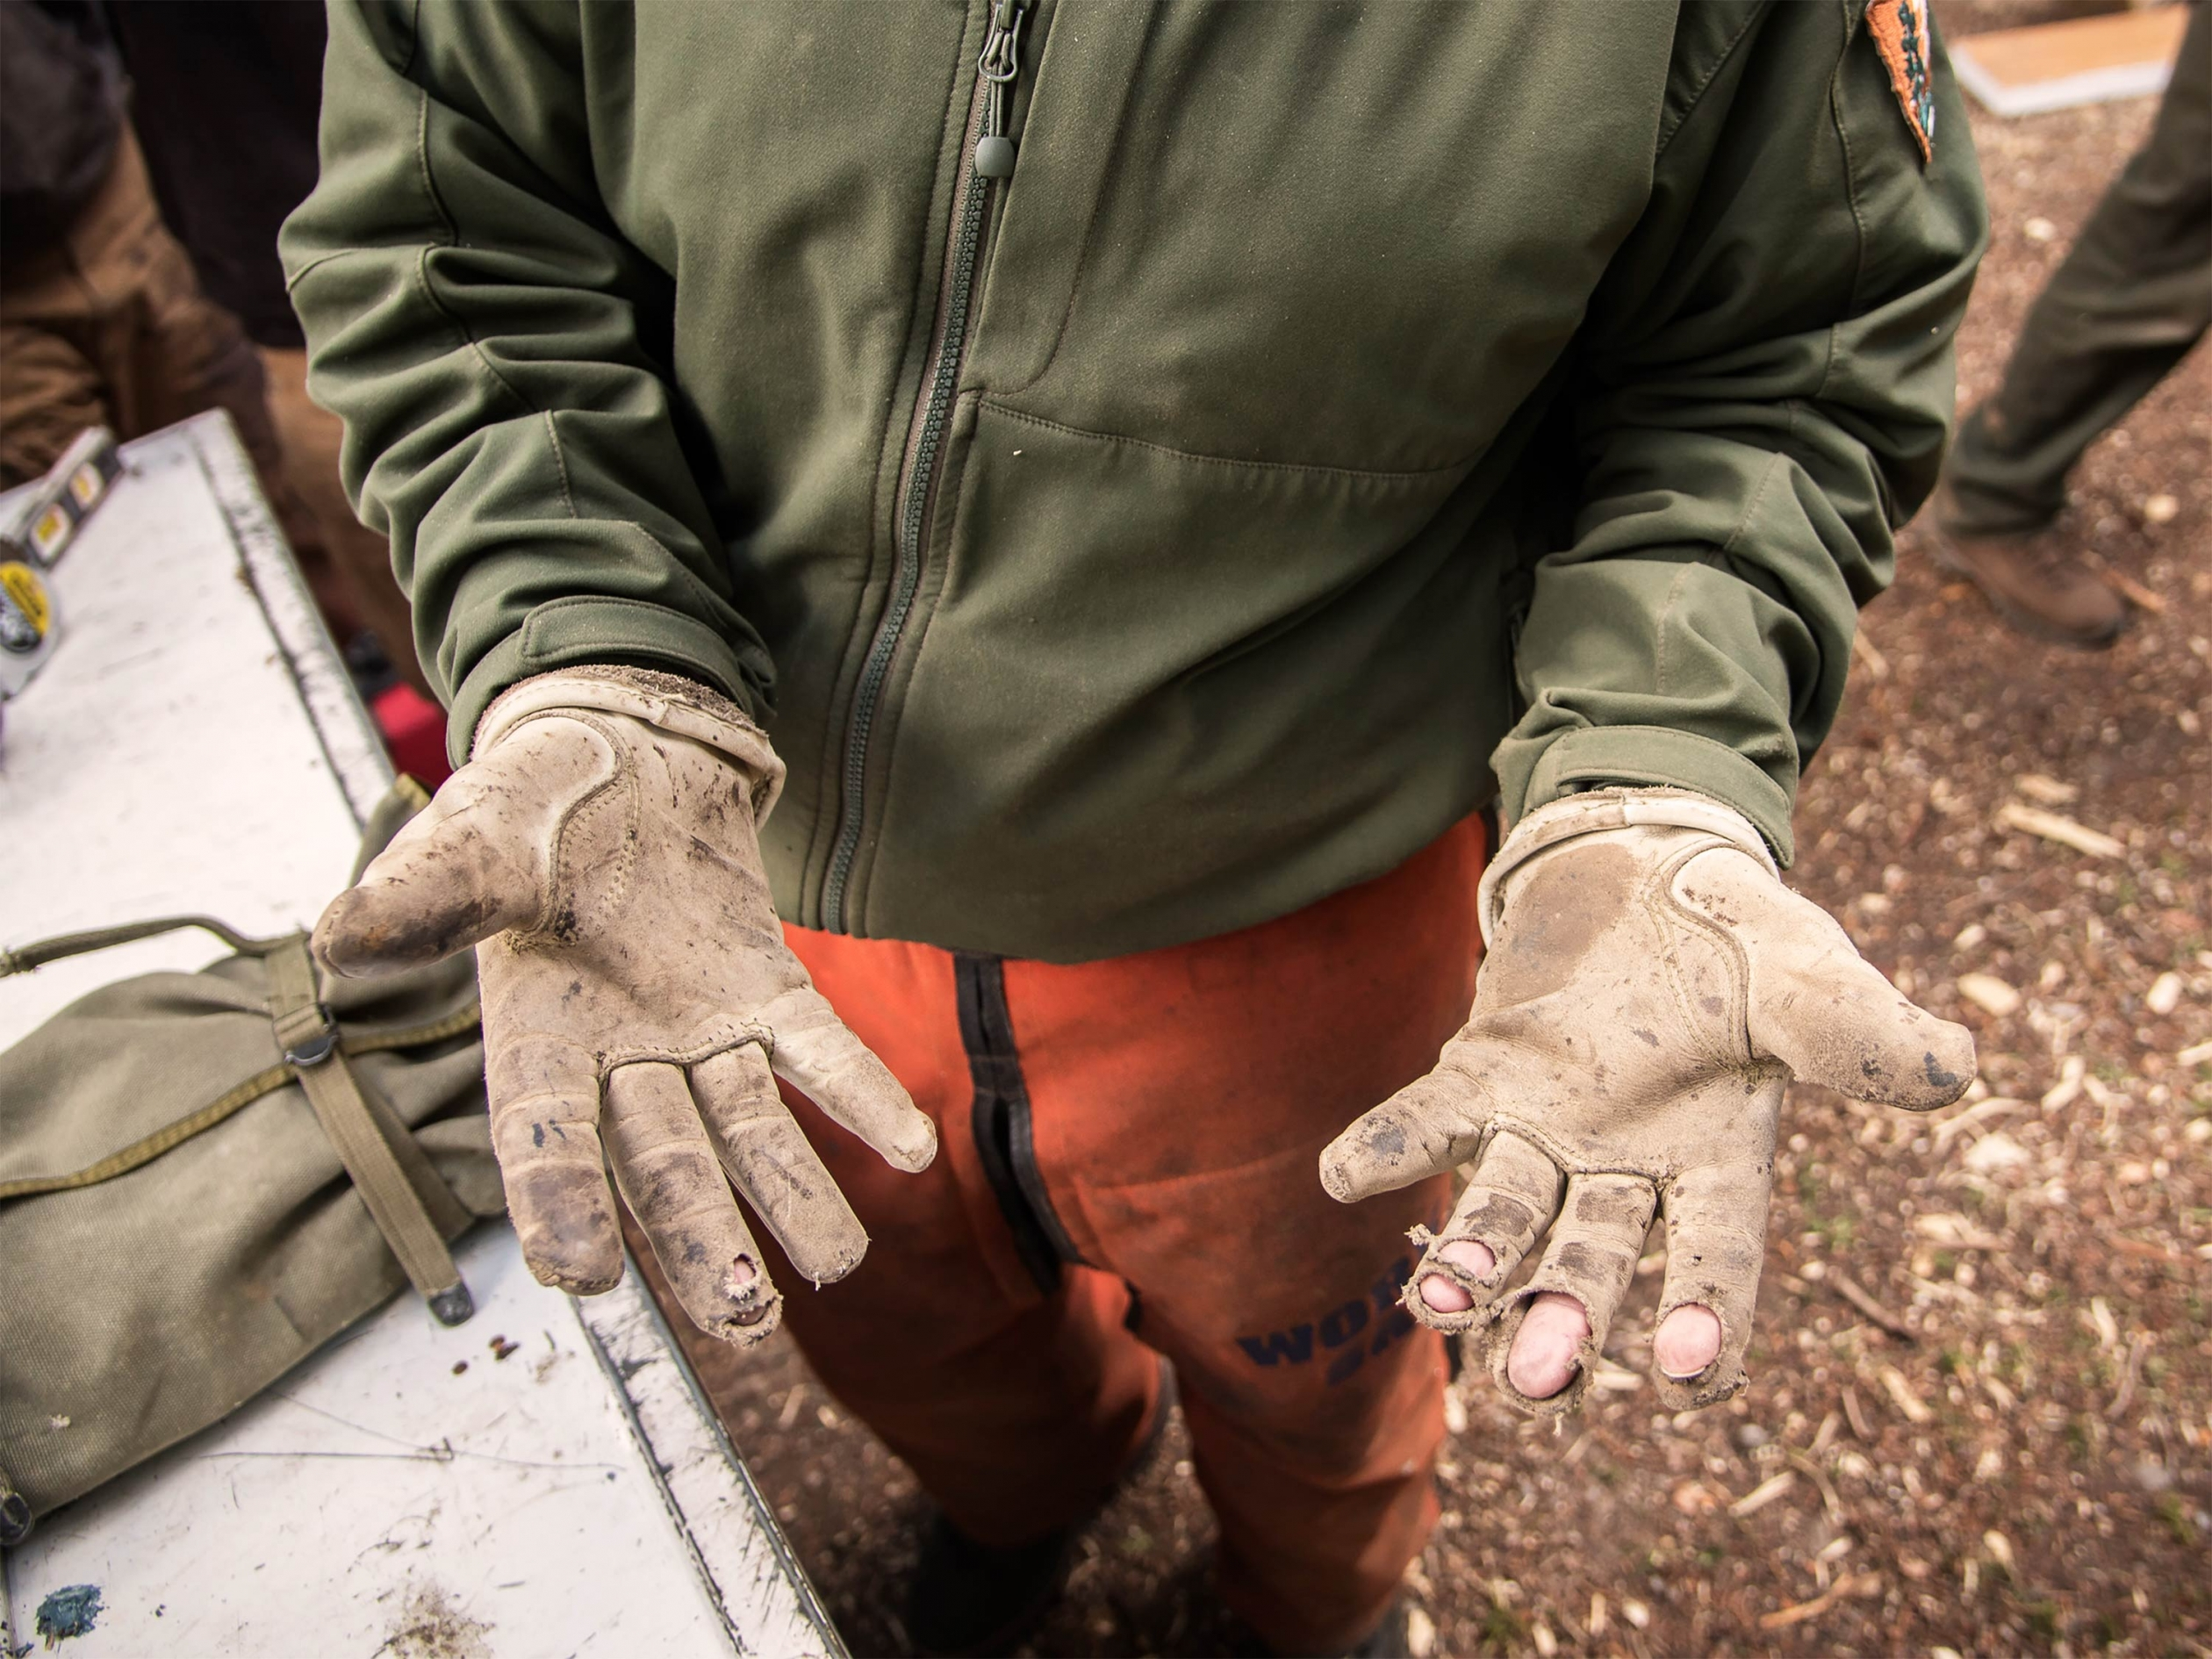 Park volunteer with worn gloves